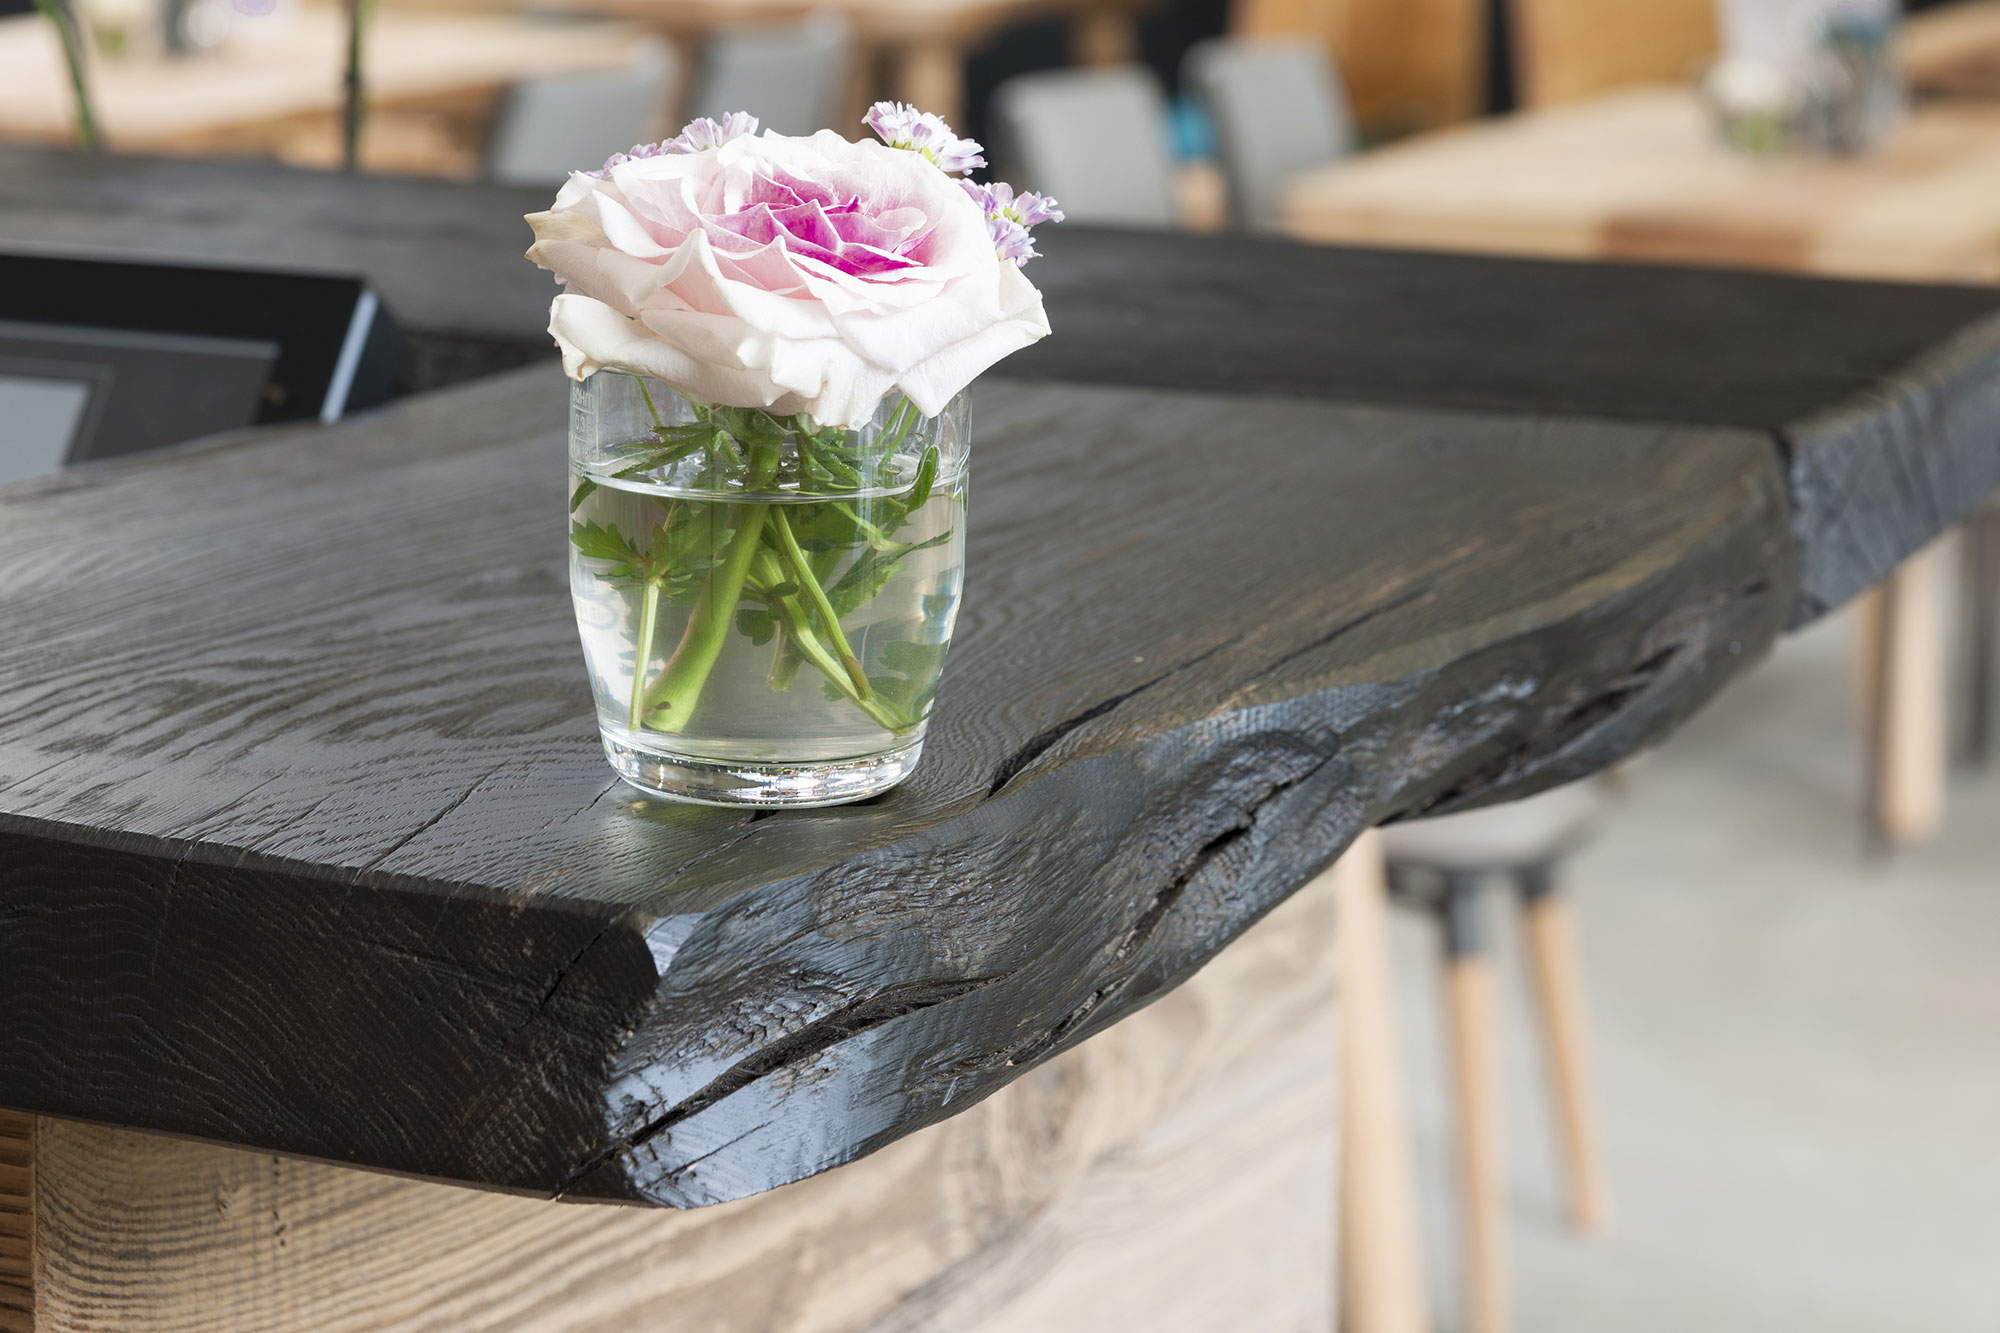 Tischlerei Stöckl Ebbs Café Einrichtung Möbel Inneneinrichtung Detailaufnahme Theke Holz